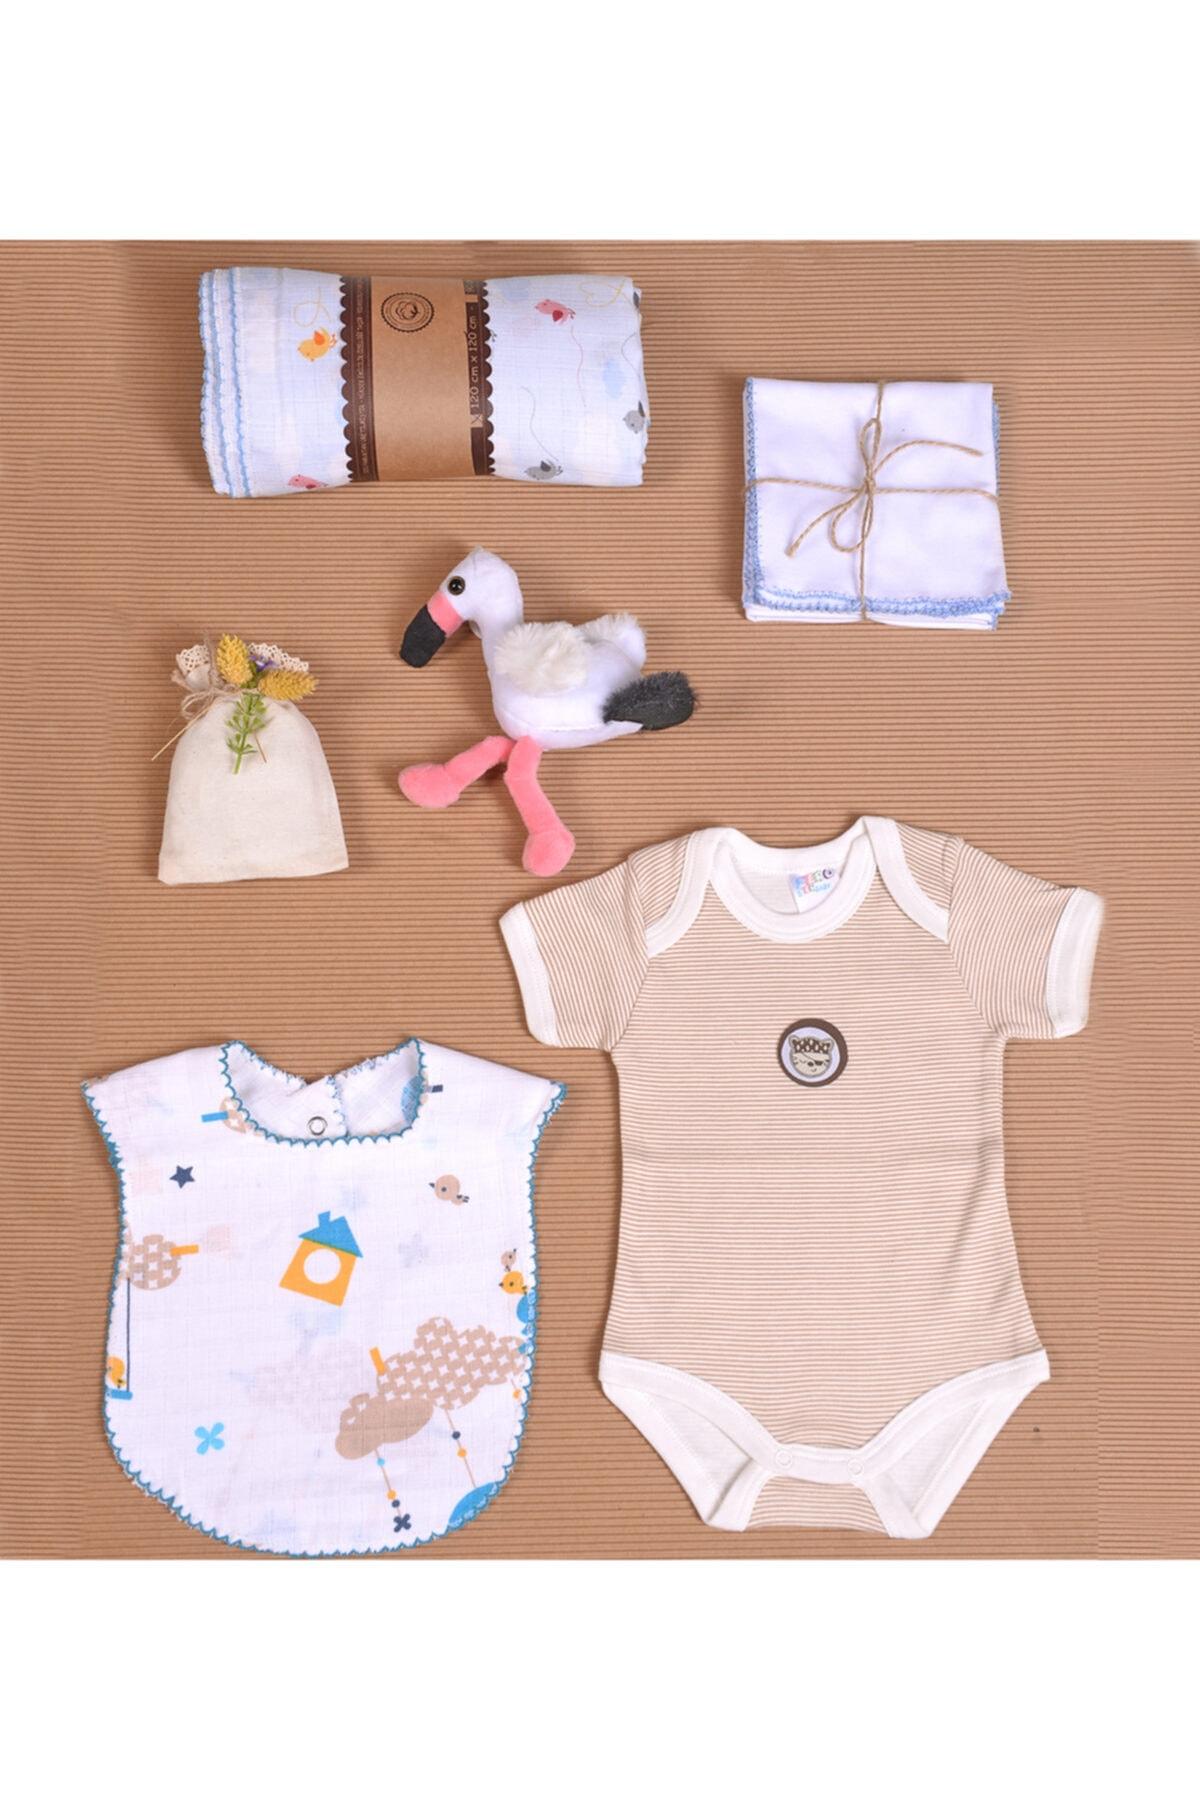 İpeksi Baby Organik Hediye Kutusu Yenidoğan Bebek